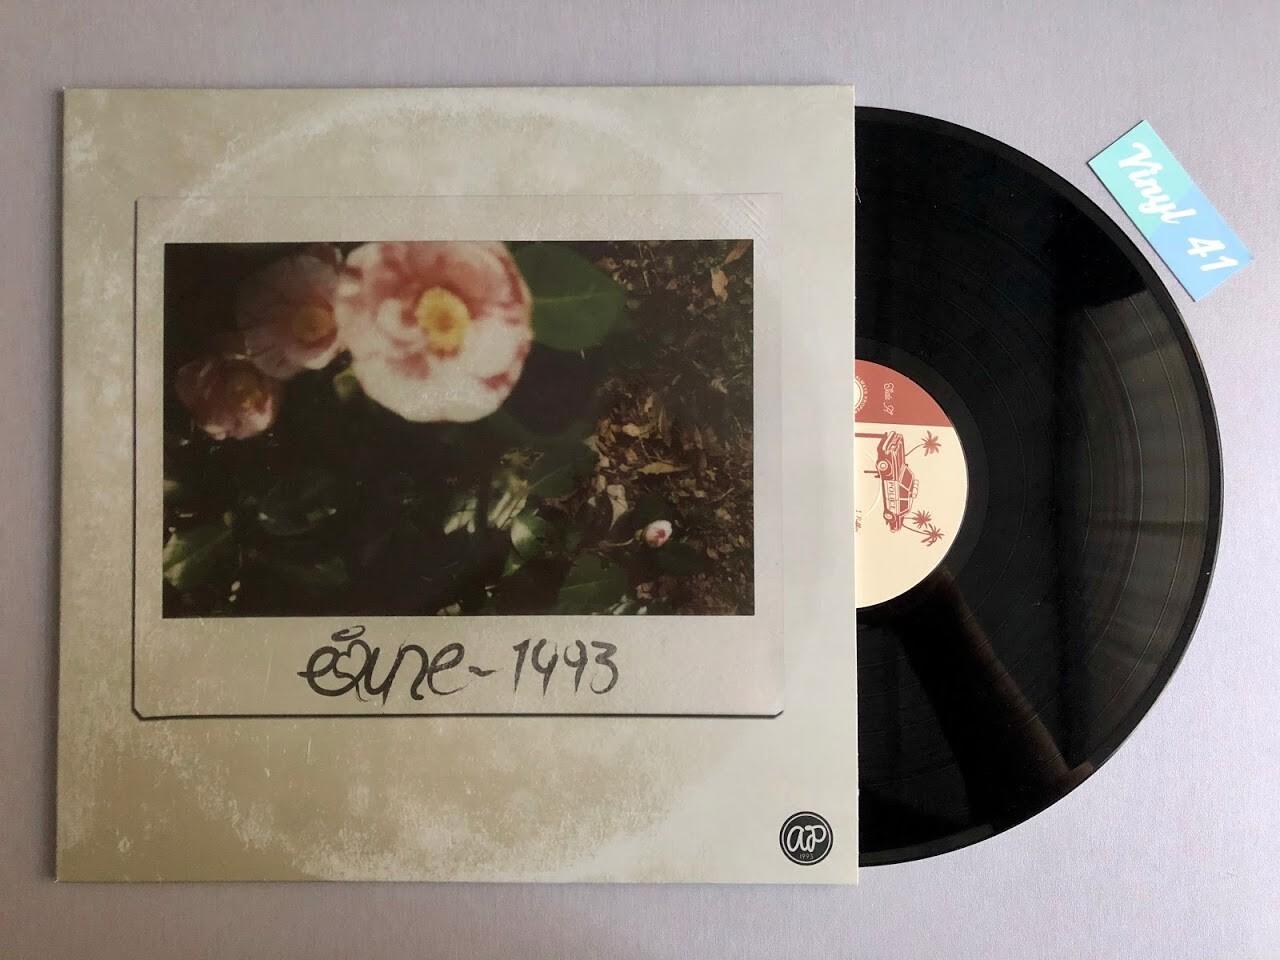 Emune - 1993 (Always Proper)